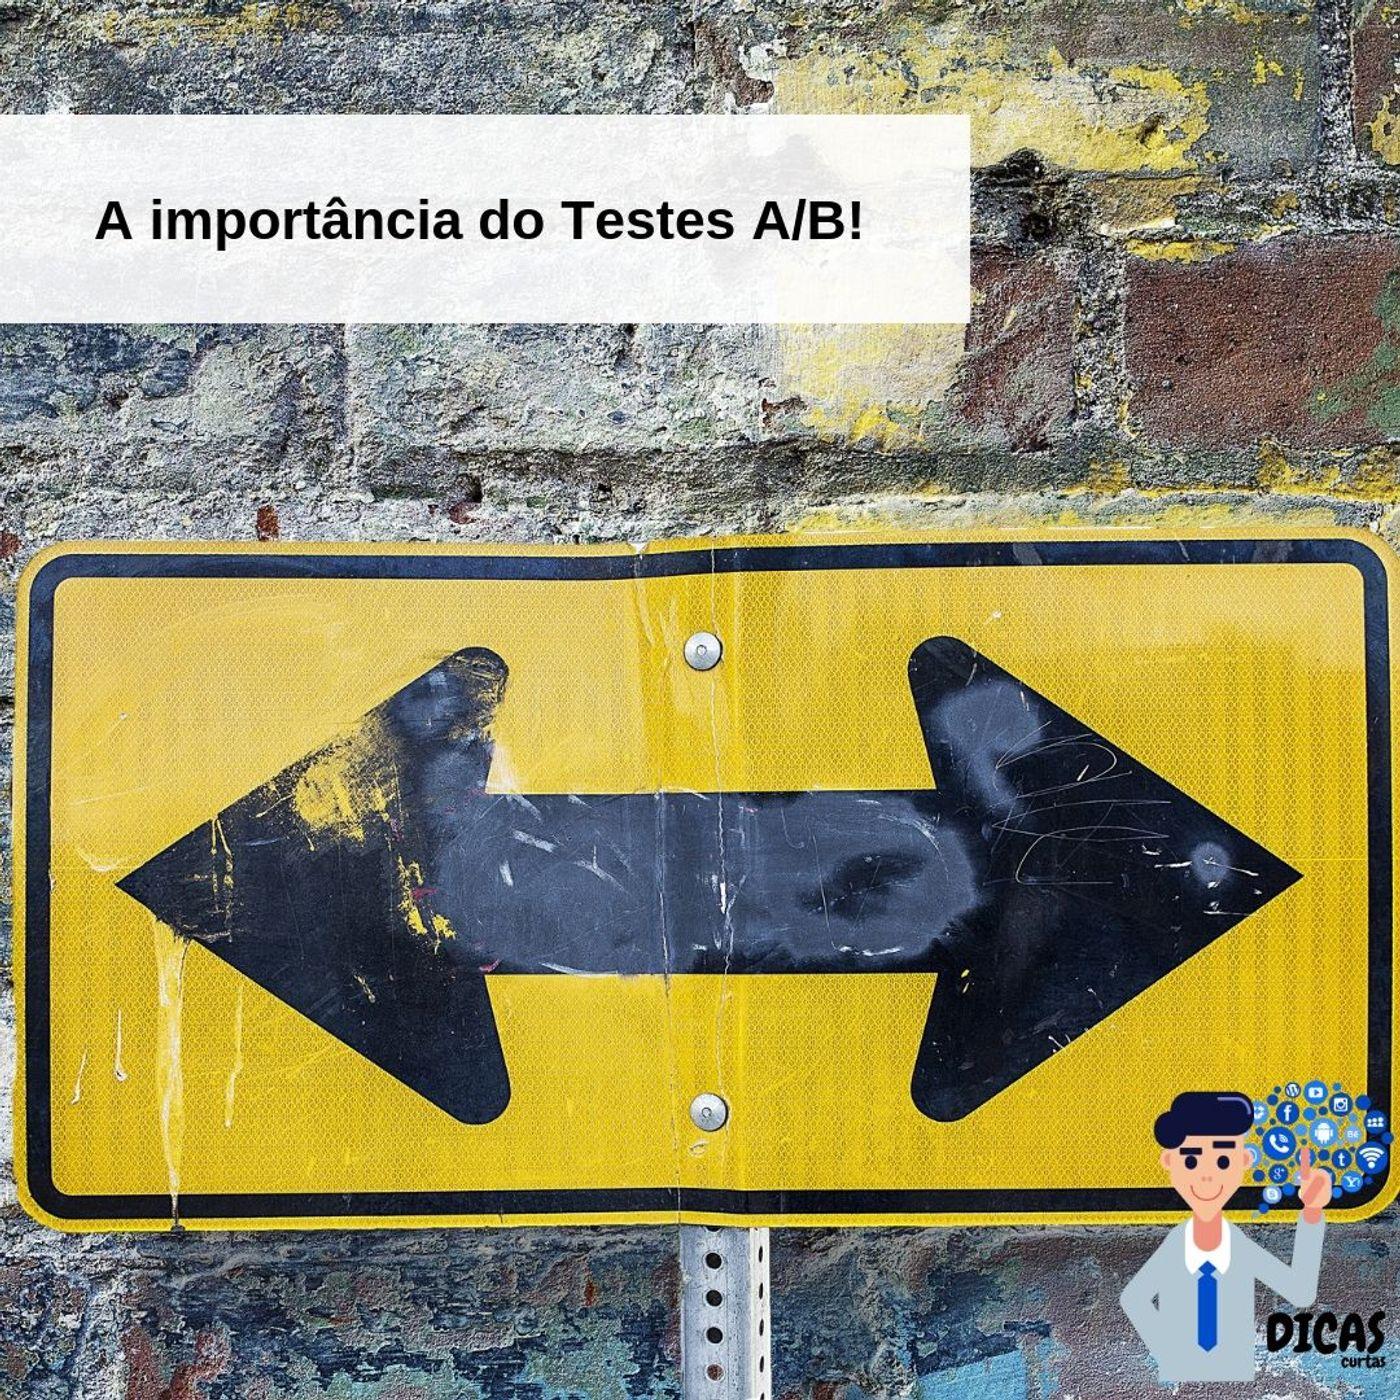 076 A importância do Teste A/B!